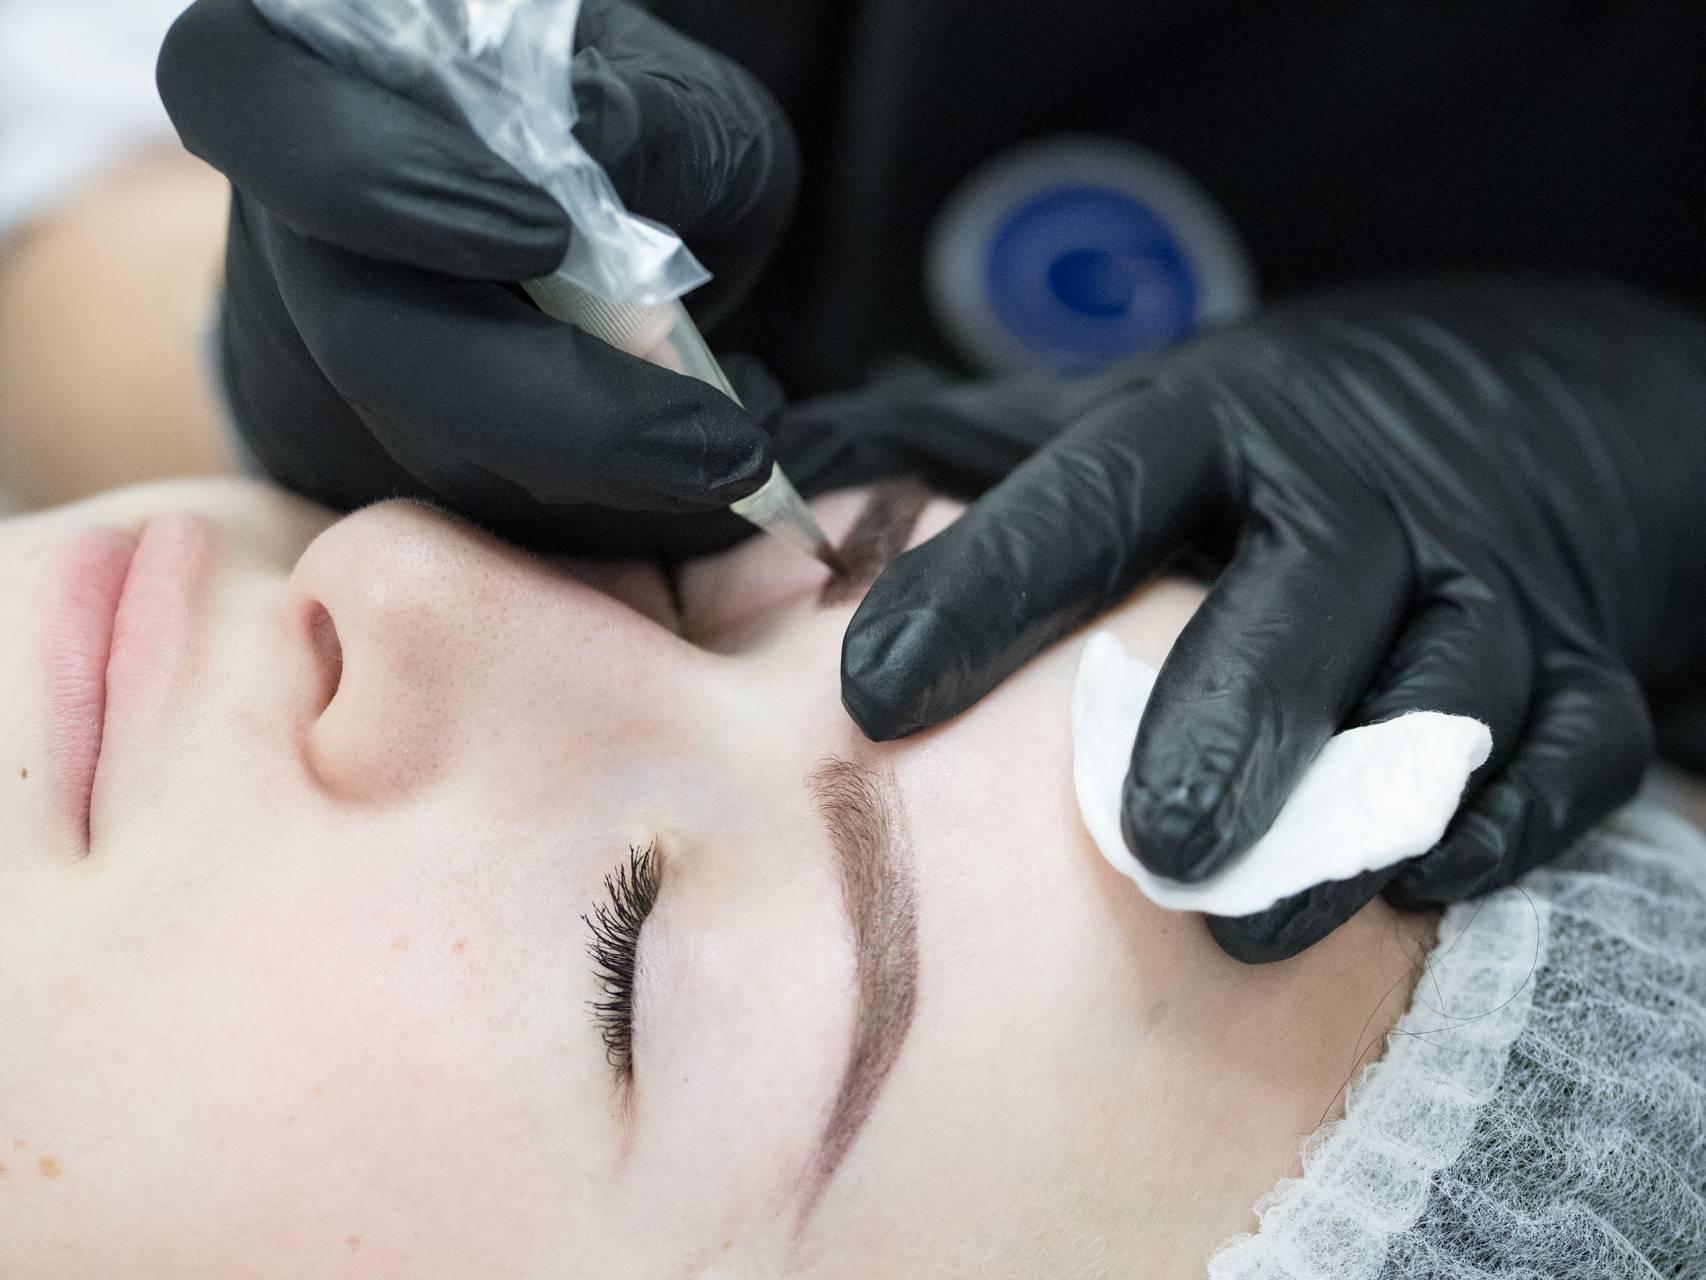 Micropigmentation Eyebrowing Goldeneye eNanoblading Goldeneye Feinste Augenbrauenzeichnung Goldeneye eNanoblading Goldeneye Pigmentation PMU Goldeneye Permanent Make-Up